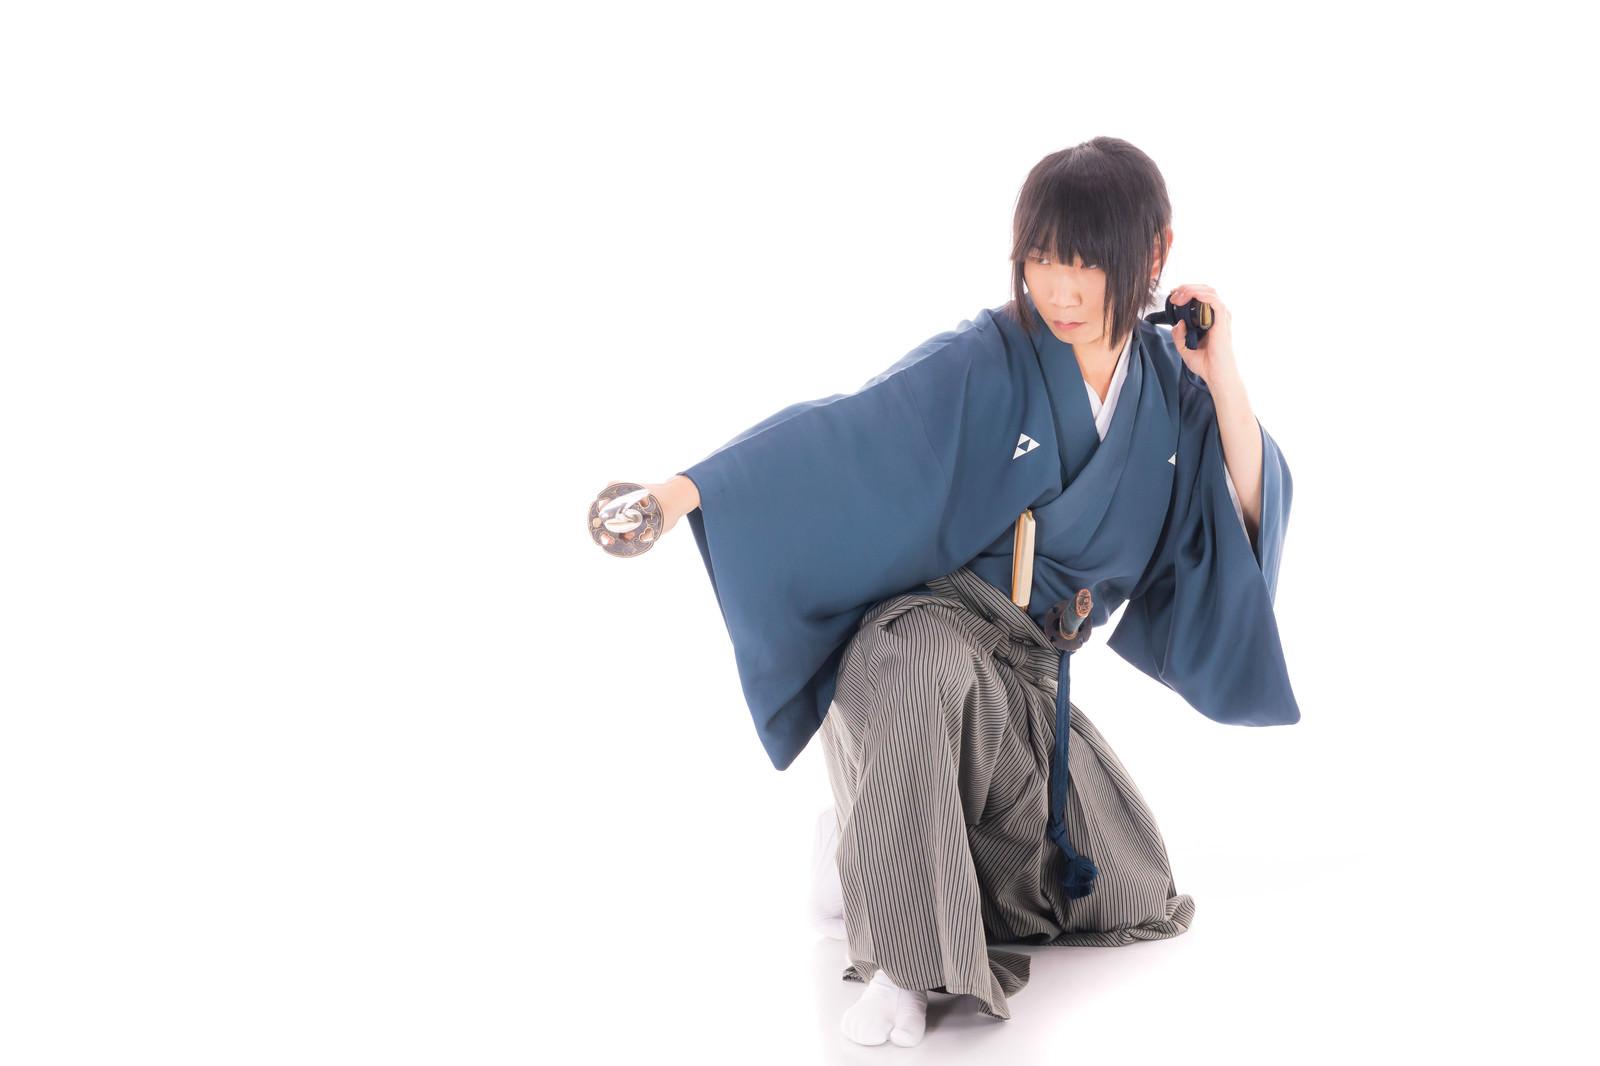 「刀の鞘も武器として使う侍」の写真[モデル:まーこ]